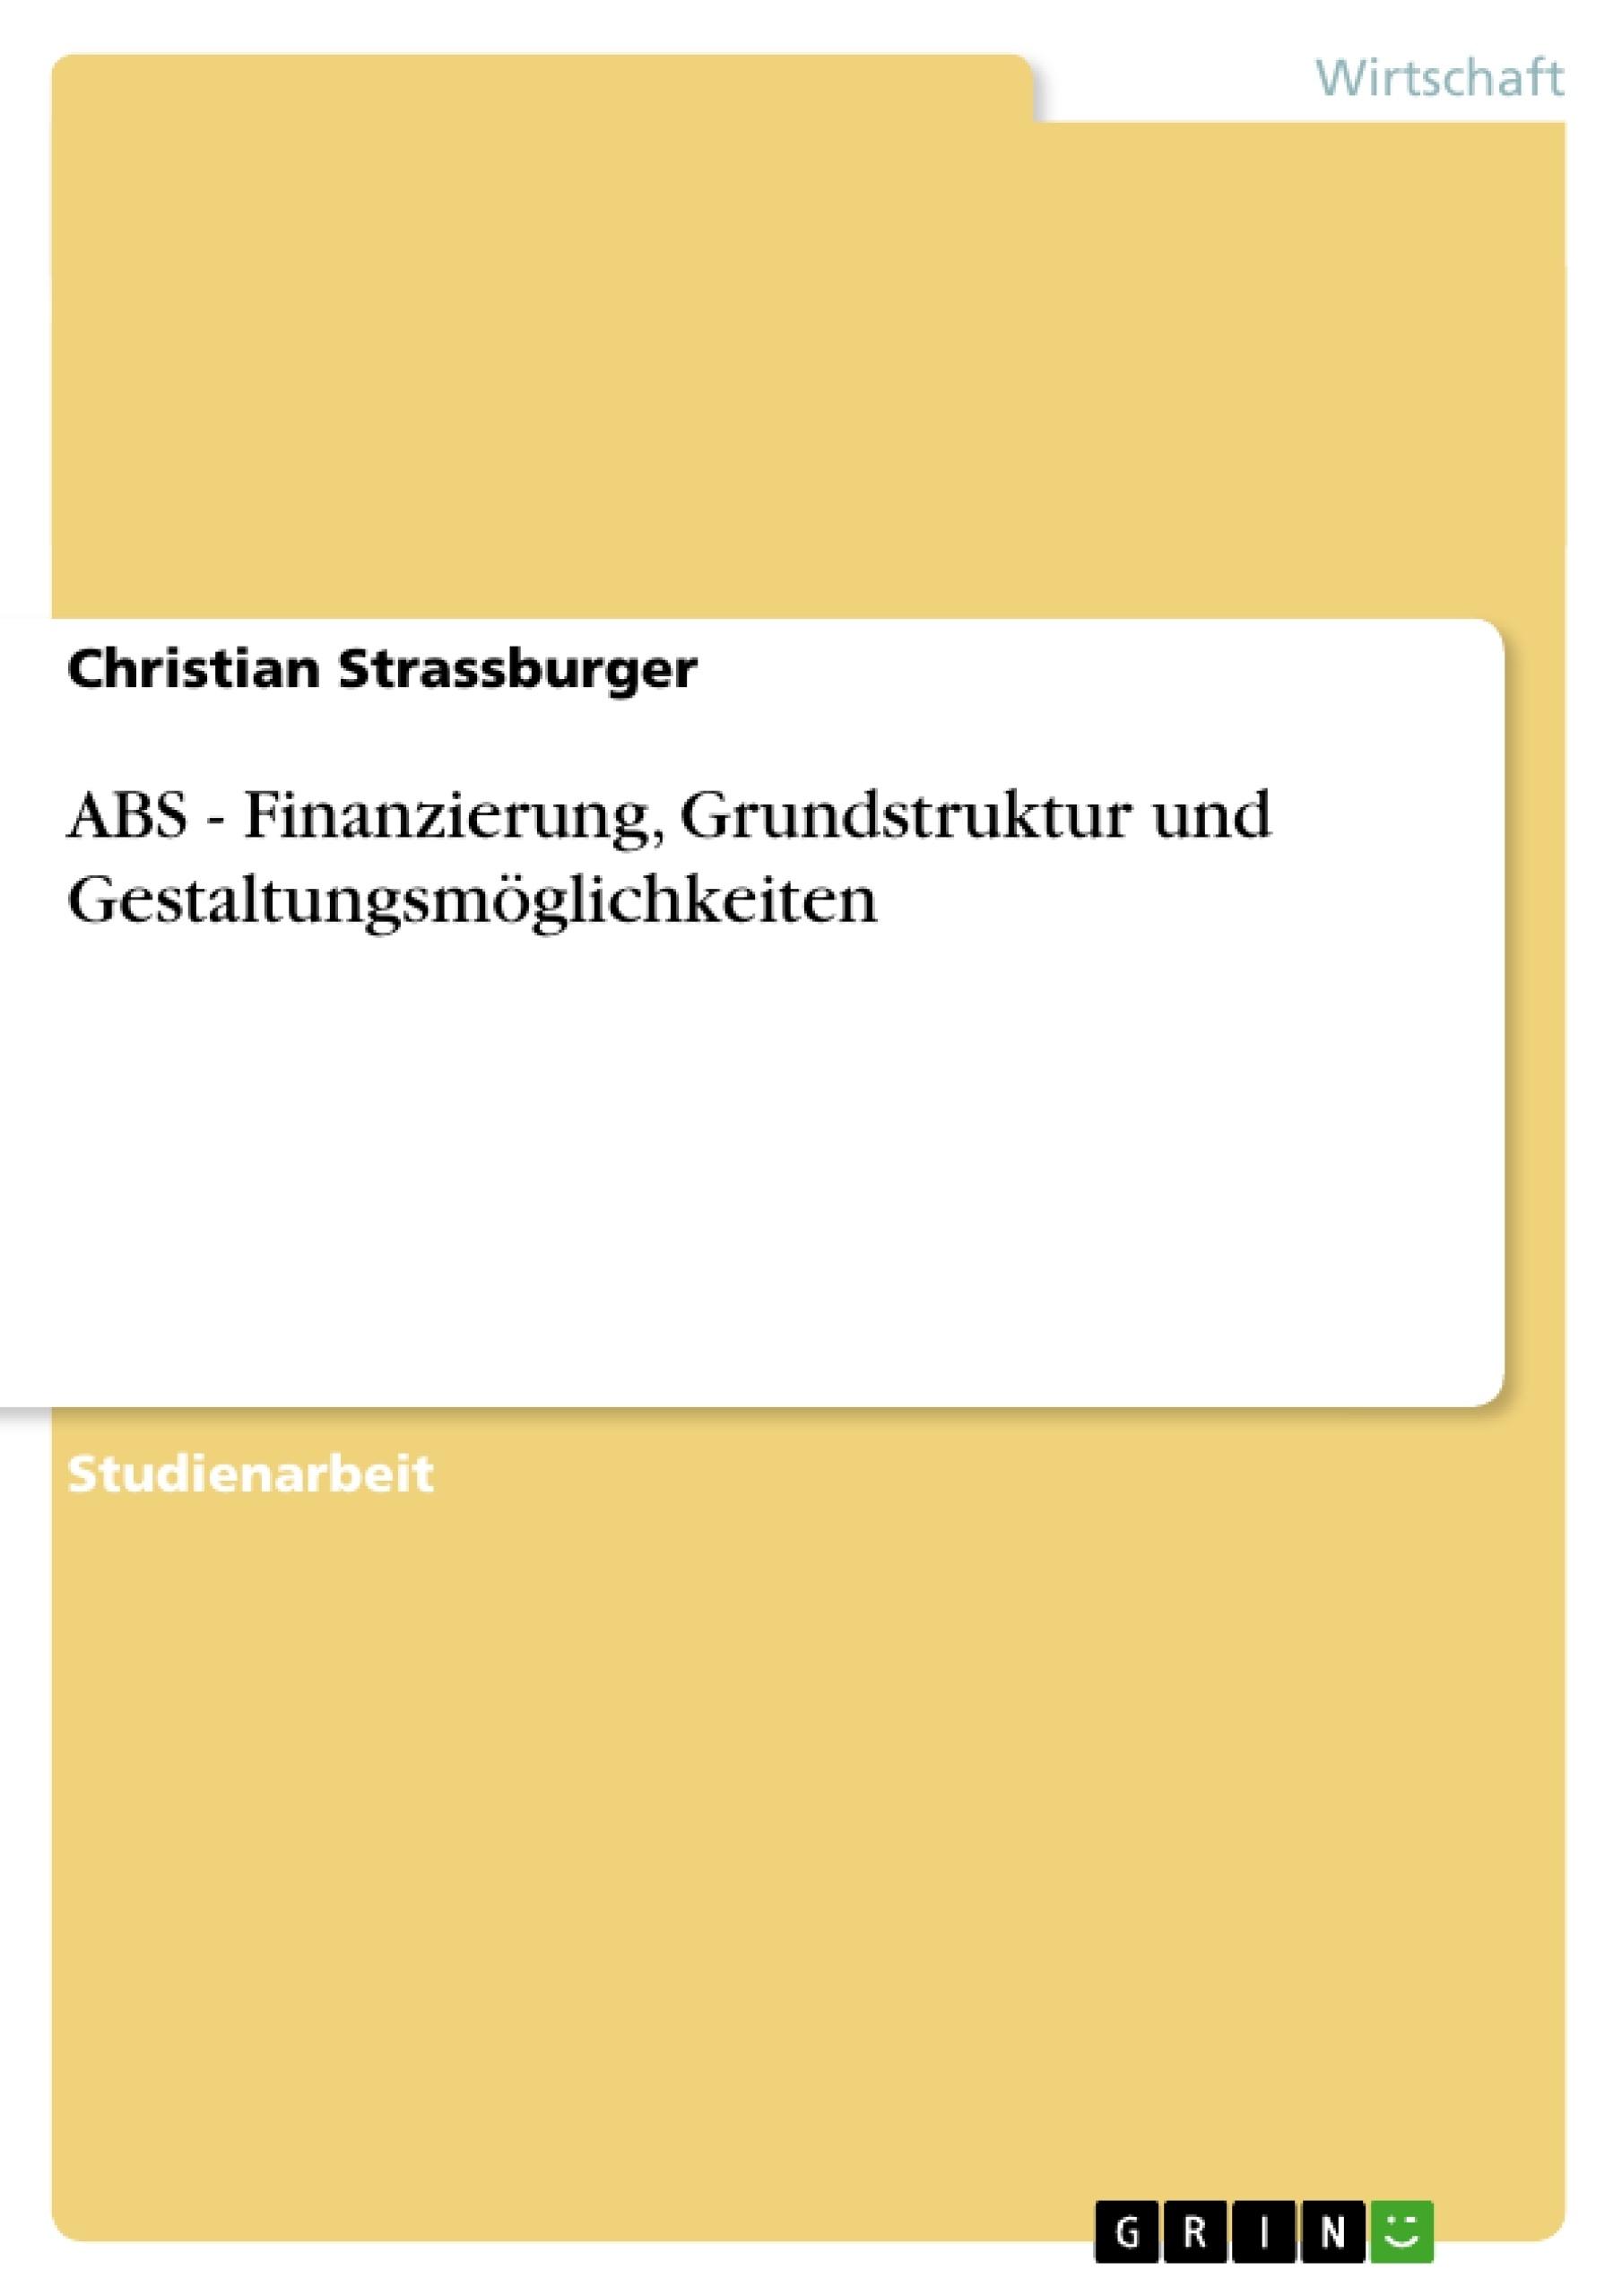 Titel: ABS - Finanzierung, Grundstruktur und Gestaltungsmöglichkeiten